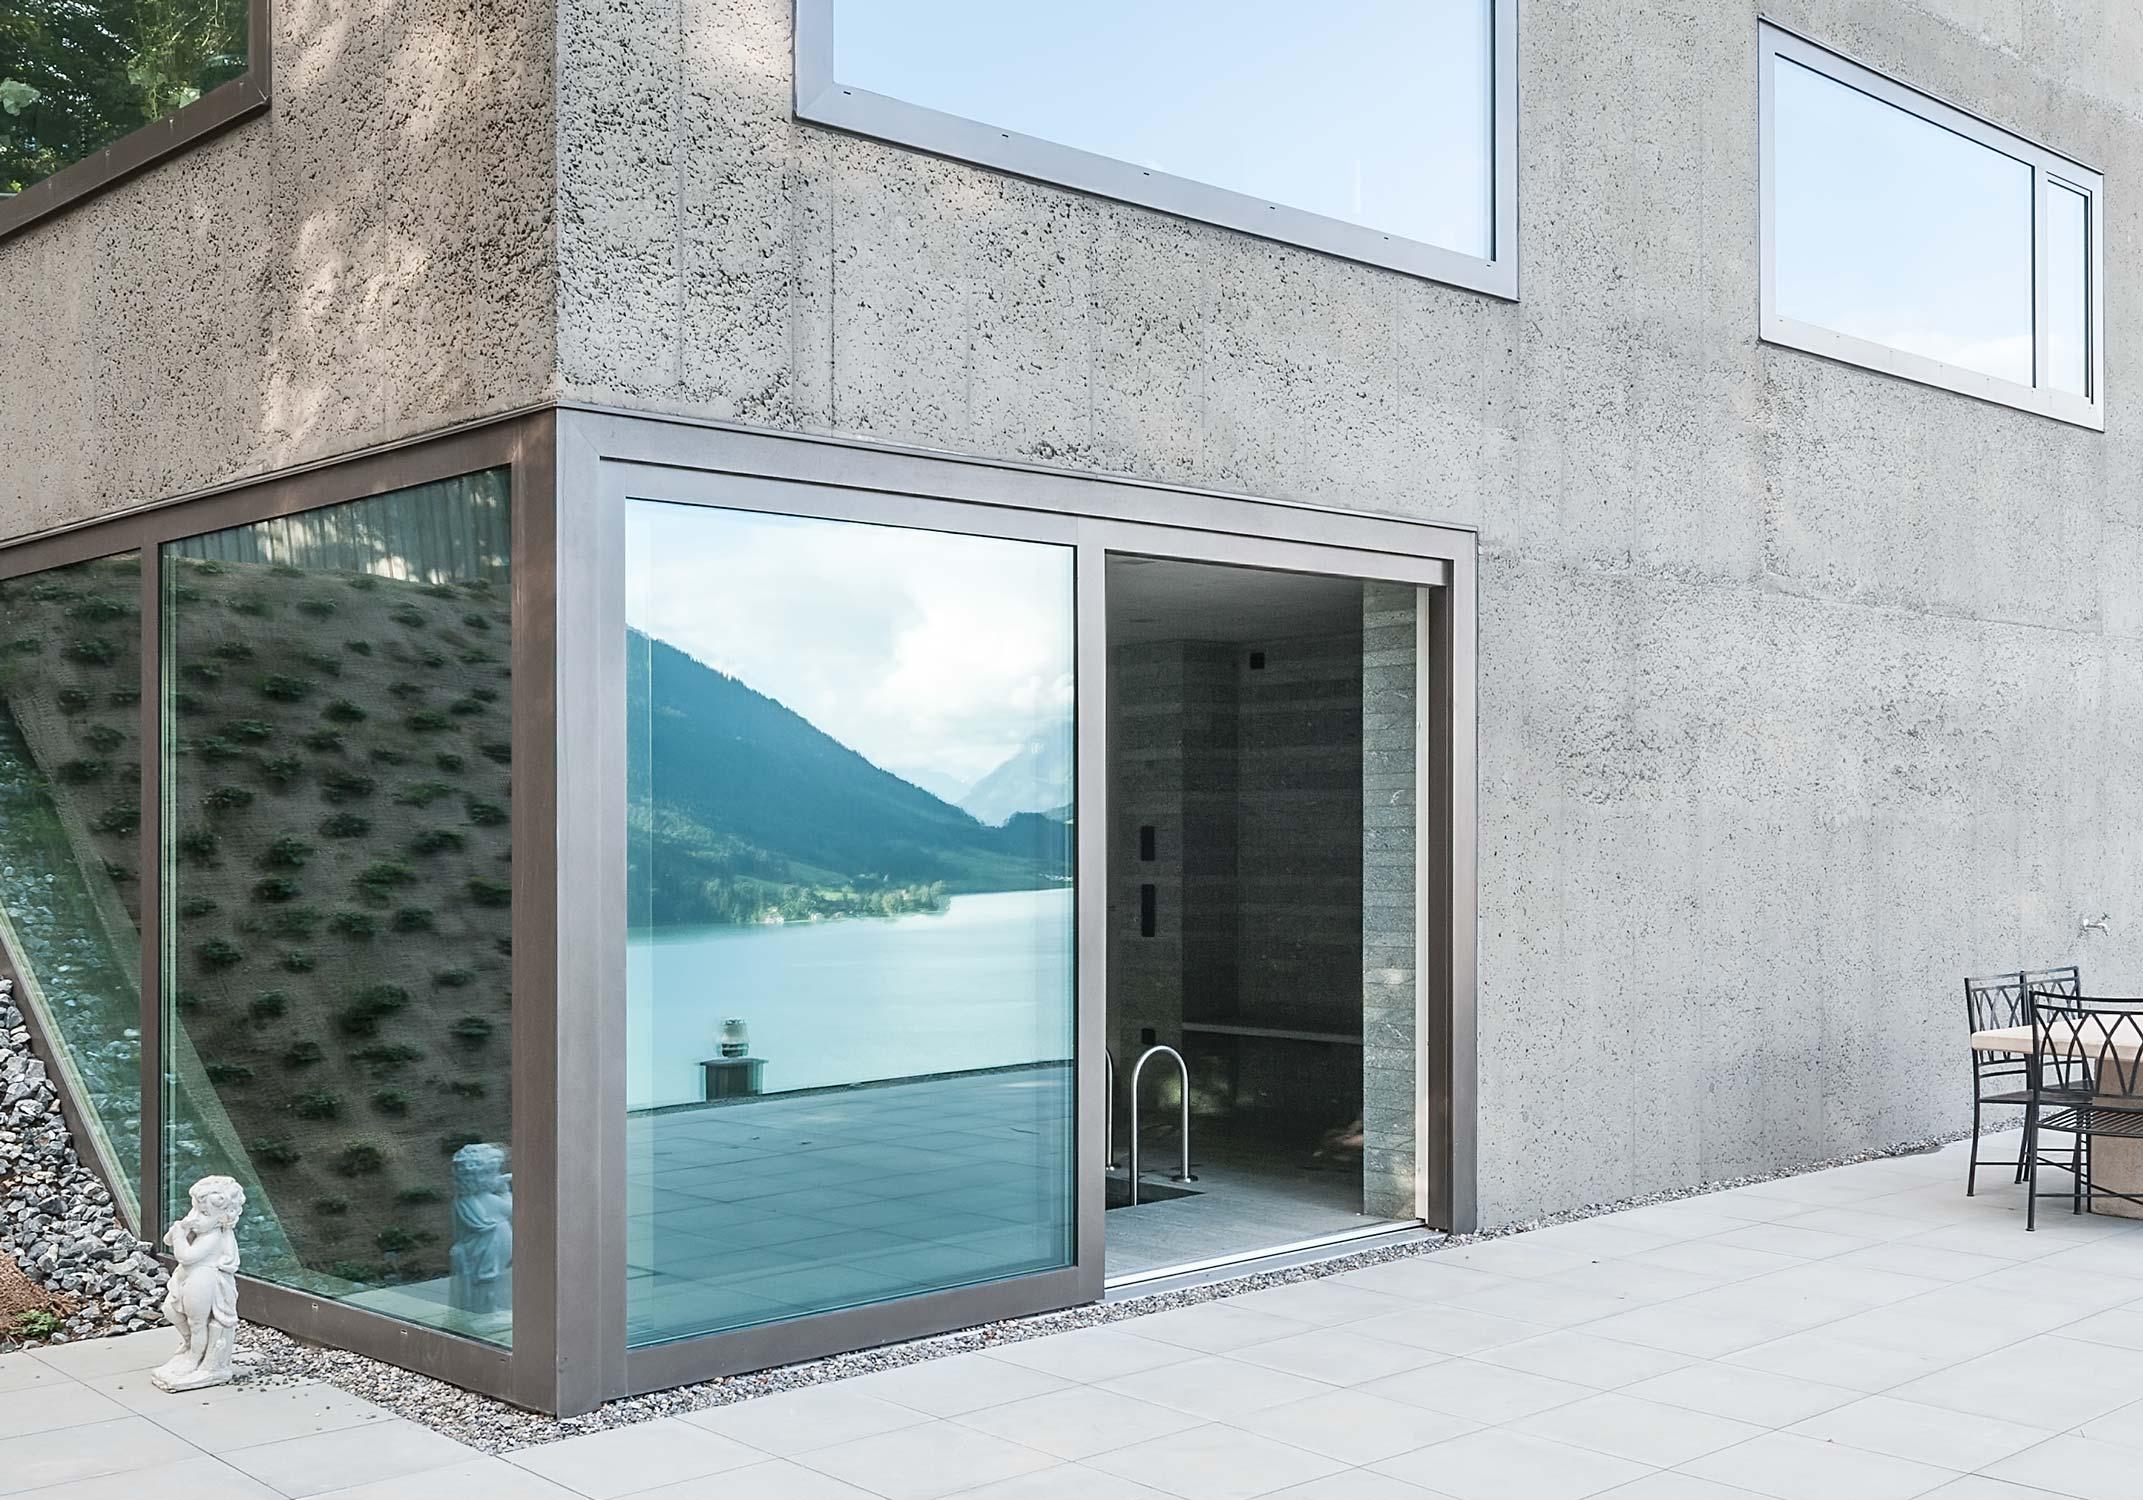 Detail von der Terrasse mit Blick zum Schwimmbad und Spiegelung des Sees und der Landschaft.